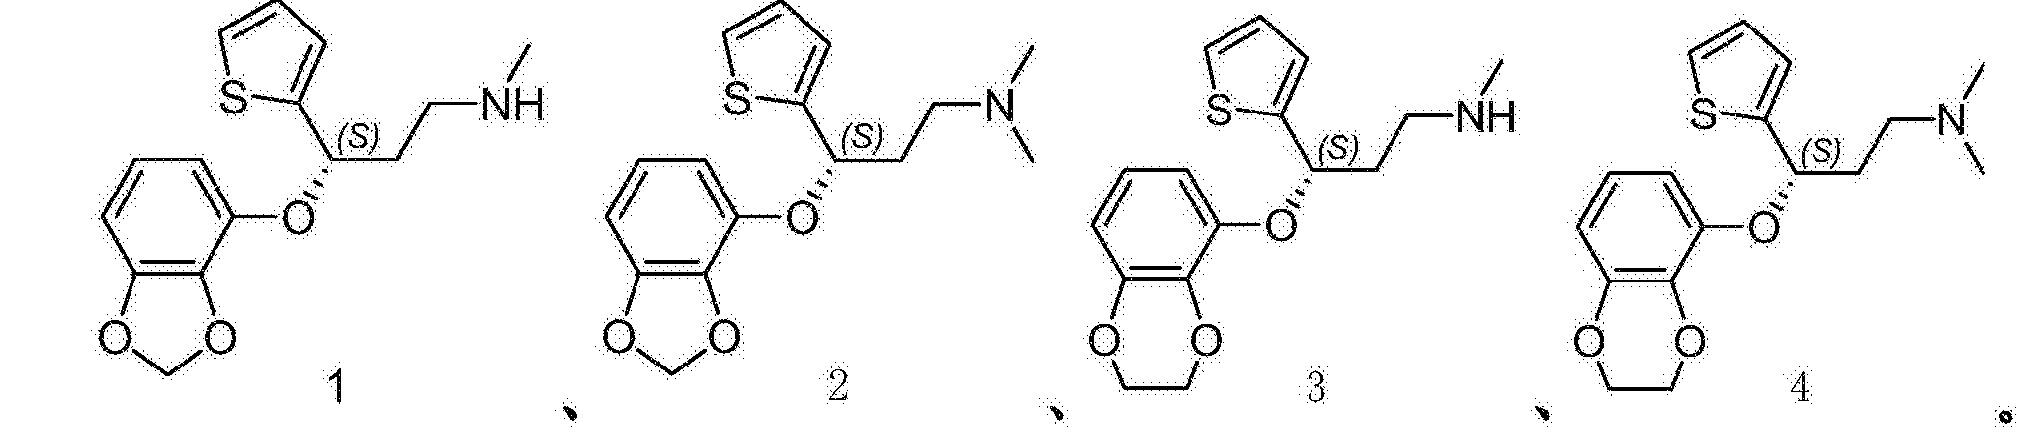 Figure CN105497020AC00022